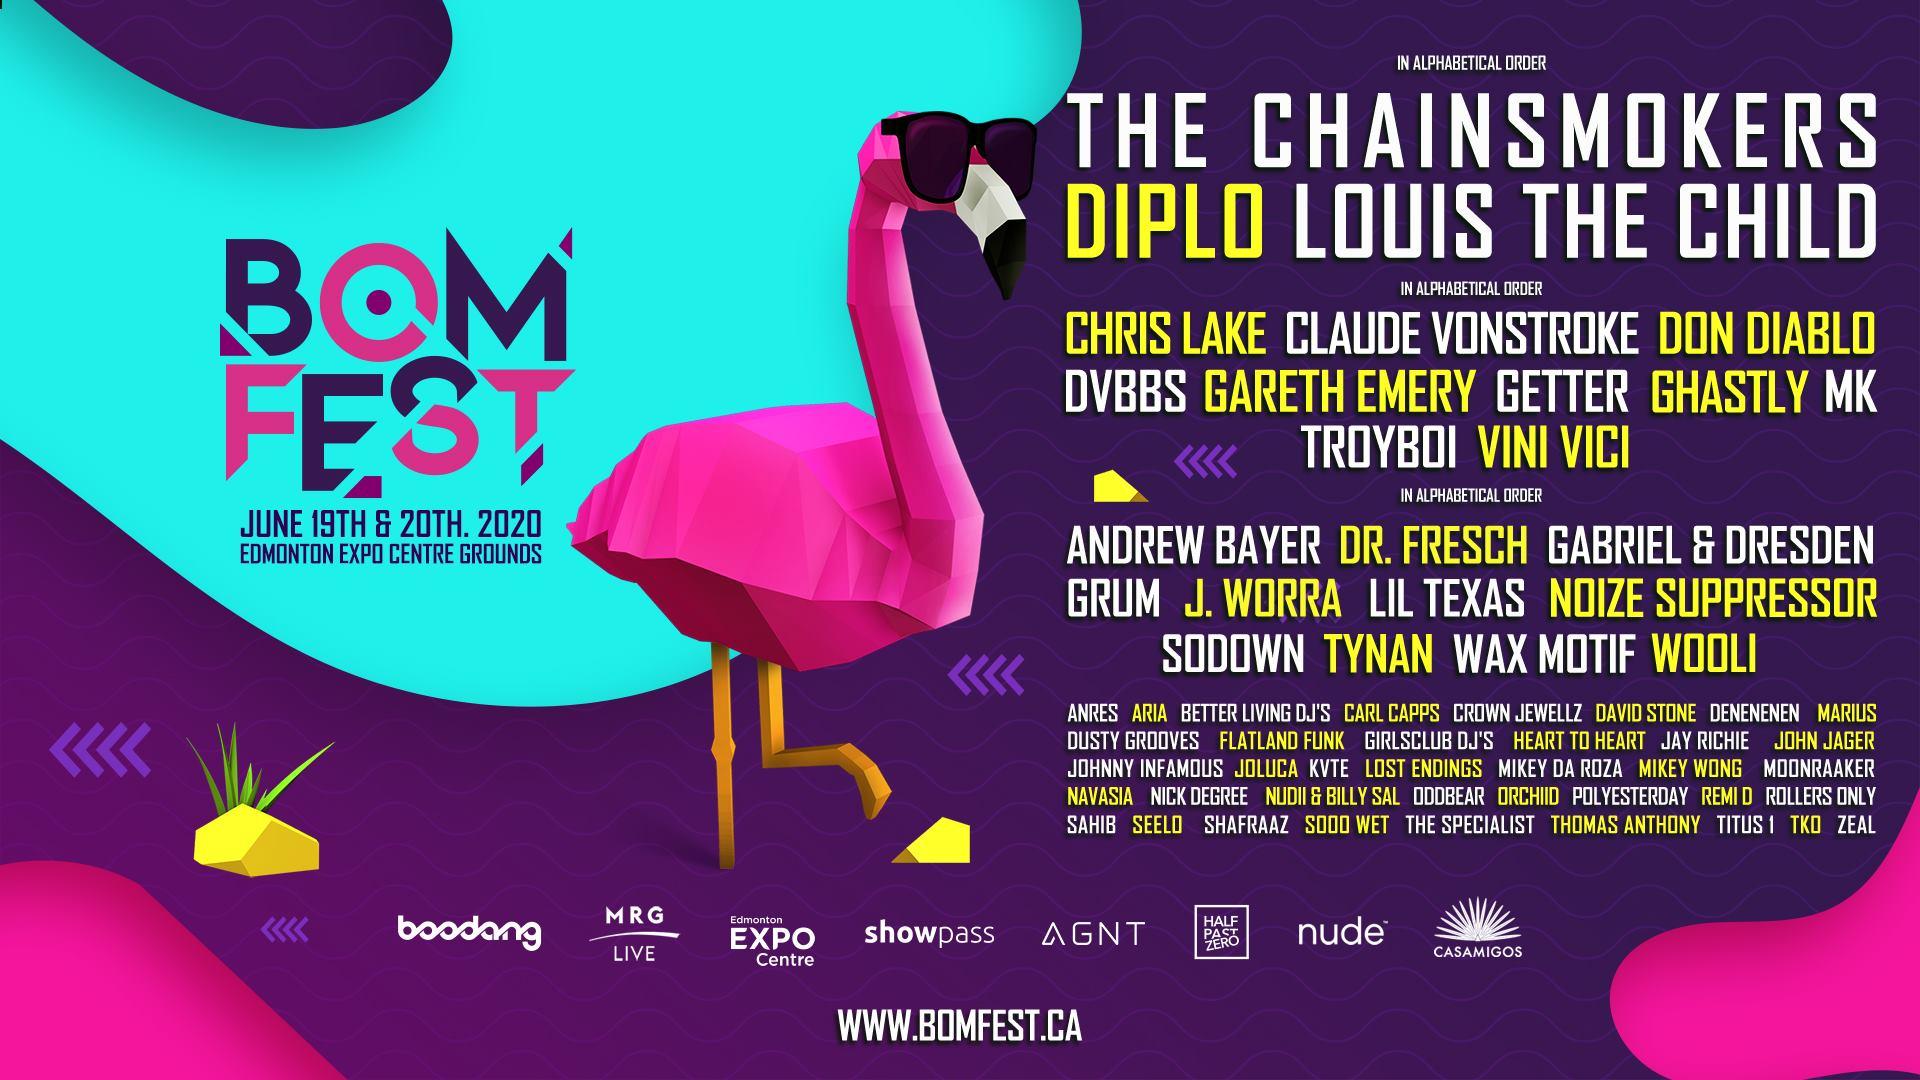 BOMFEST - Canada Music Festivals 2020